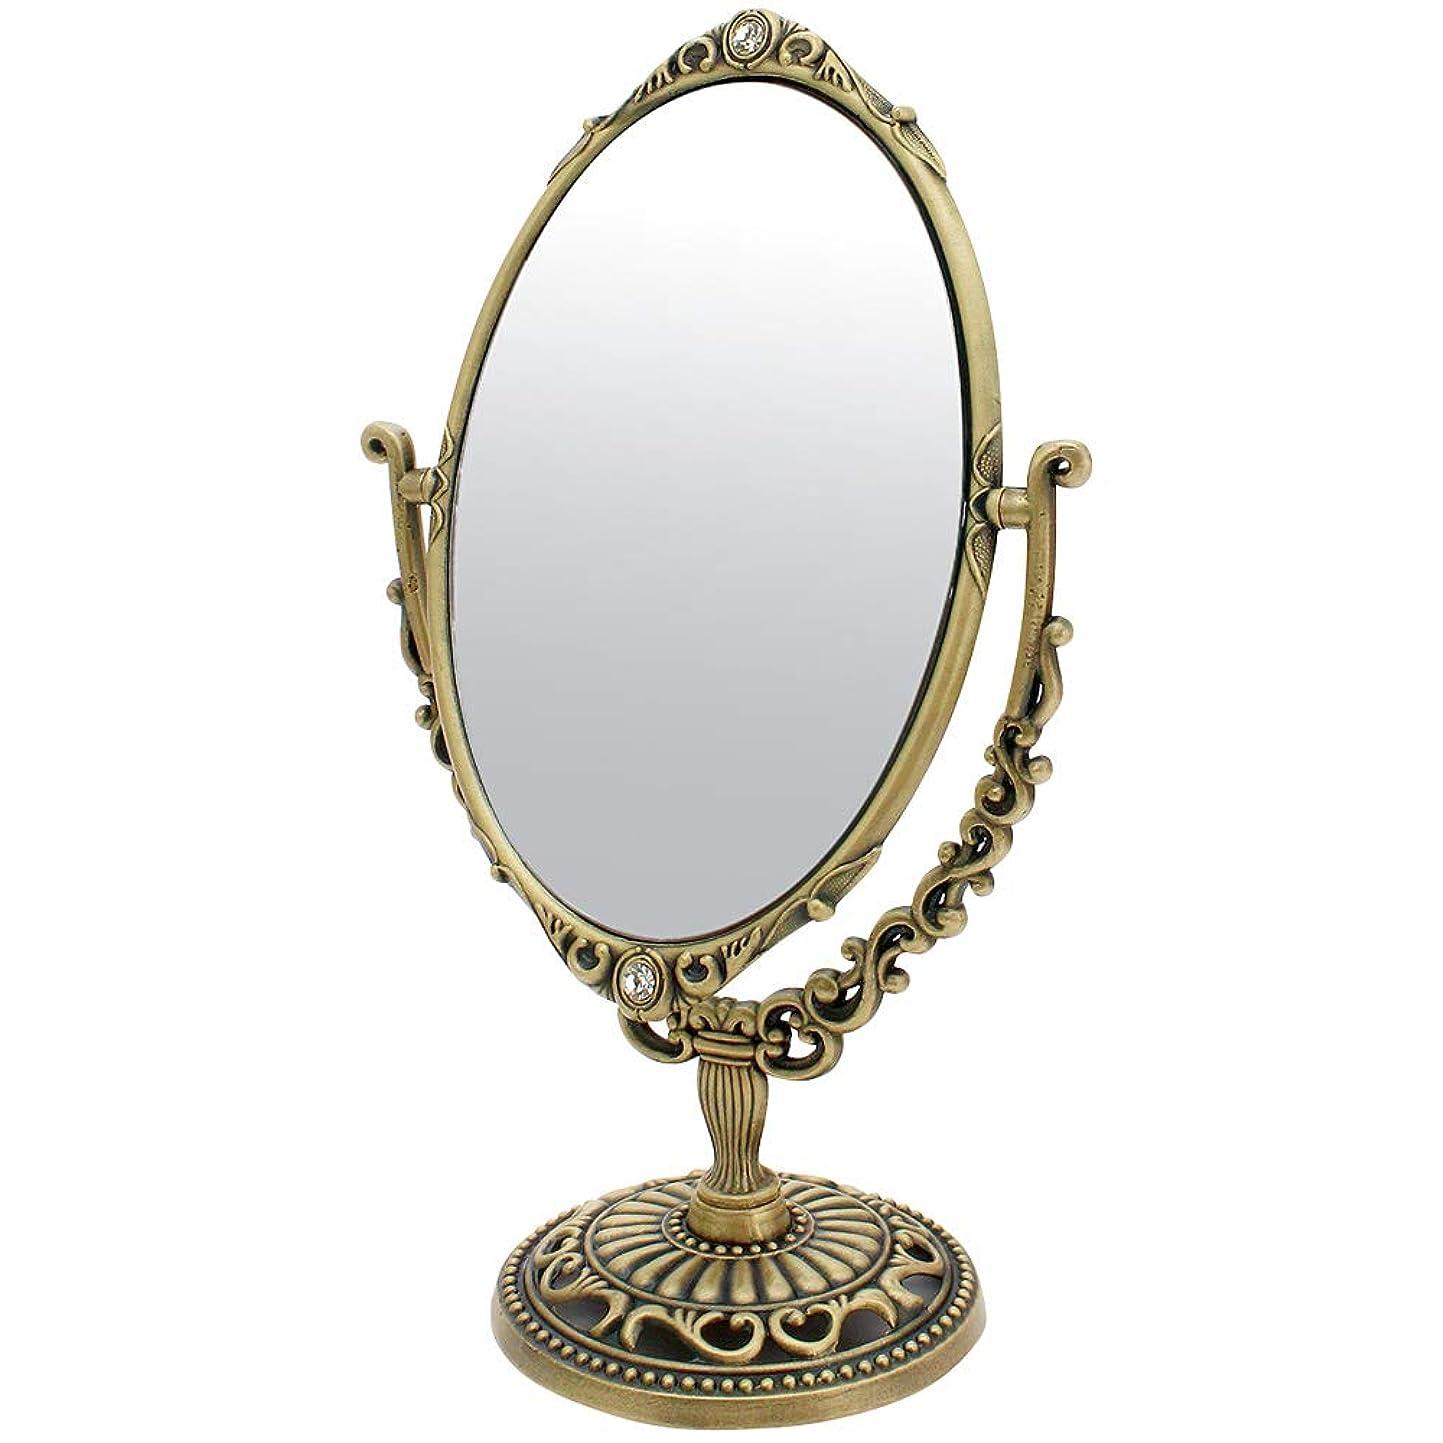 マート生む前に卓上ミラー 鏡 化粧鏡 シャビーシック デコレーションミラー (卓上ミラー S-デコレーション)